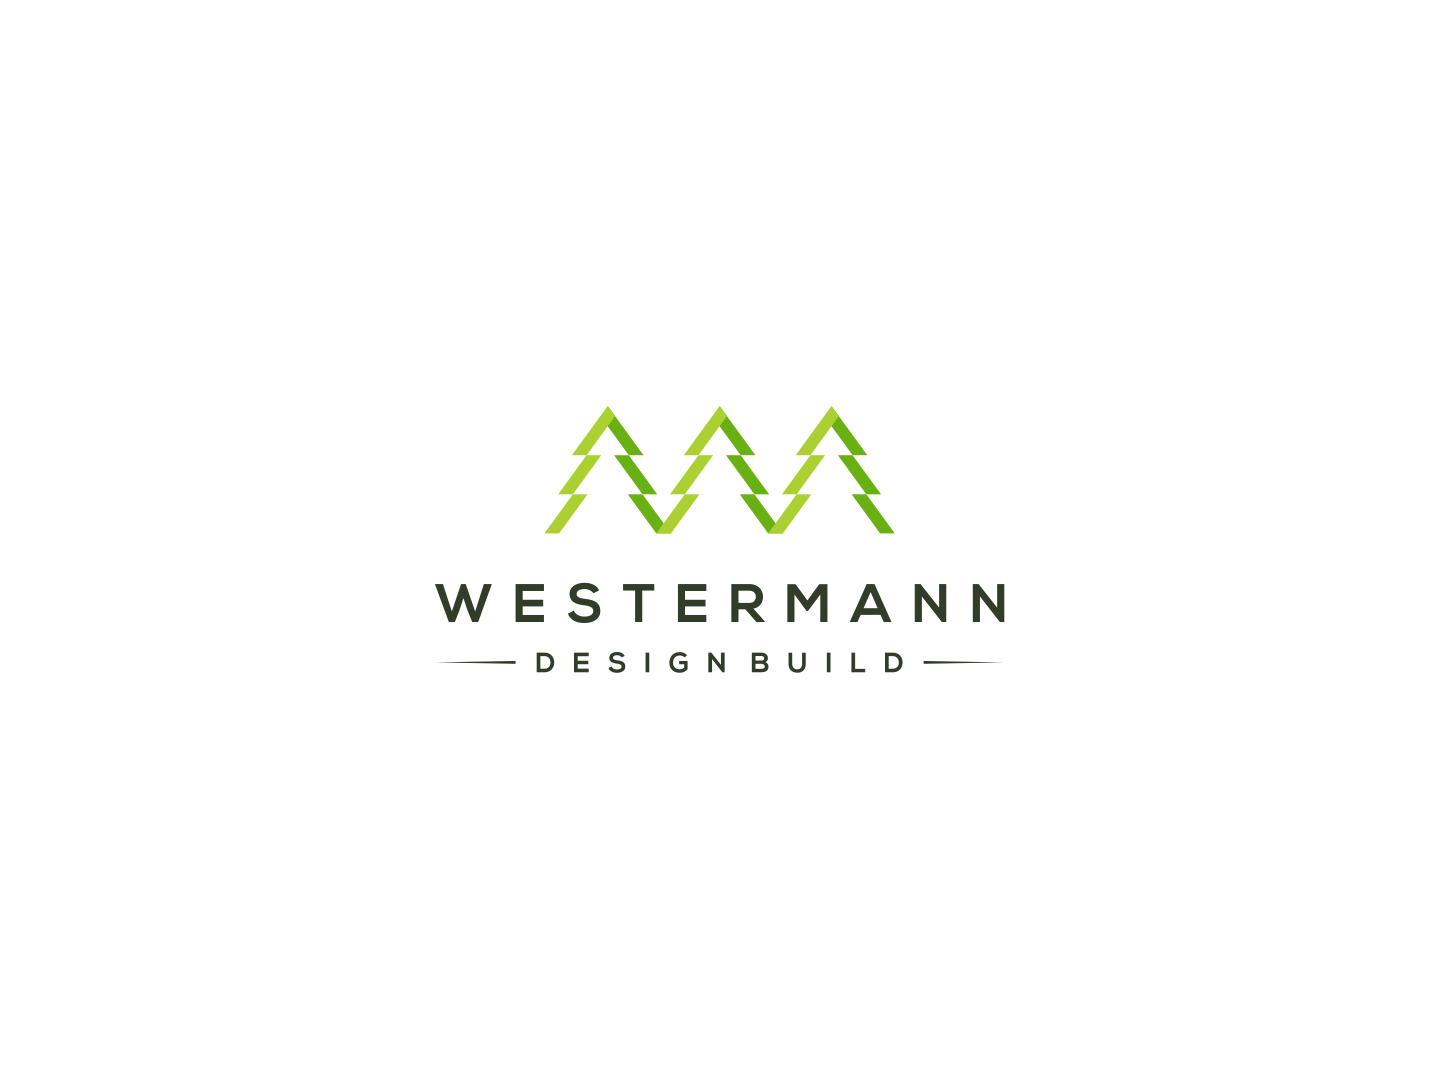 online diagnose westermann